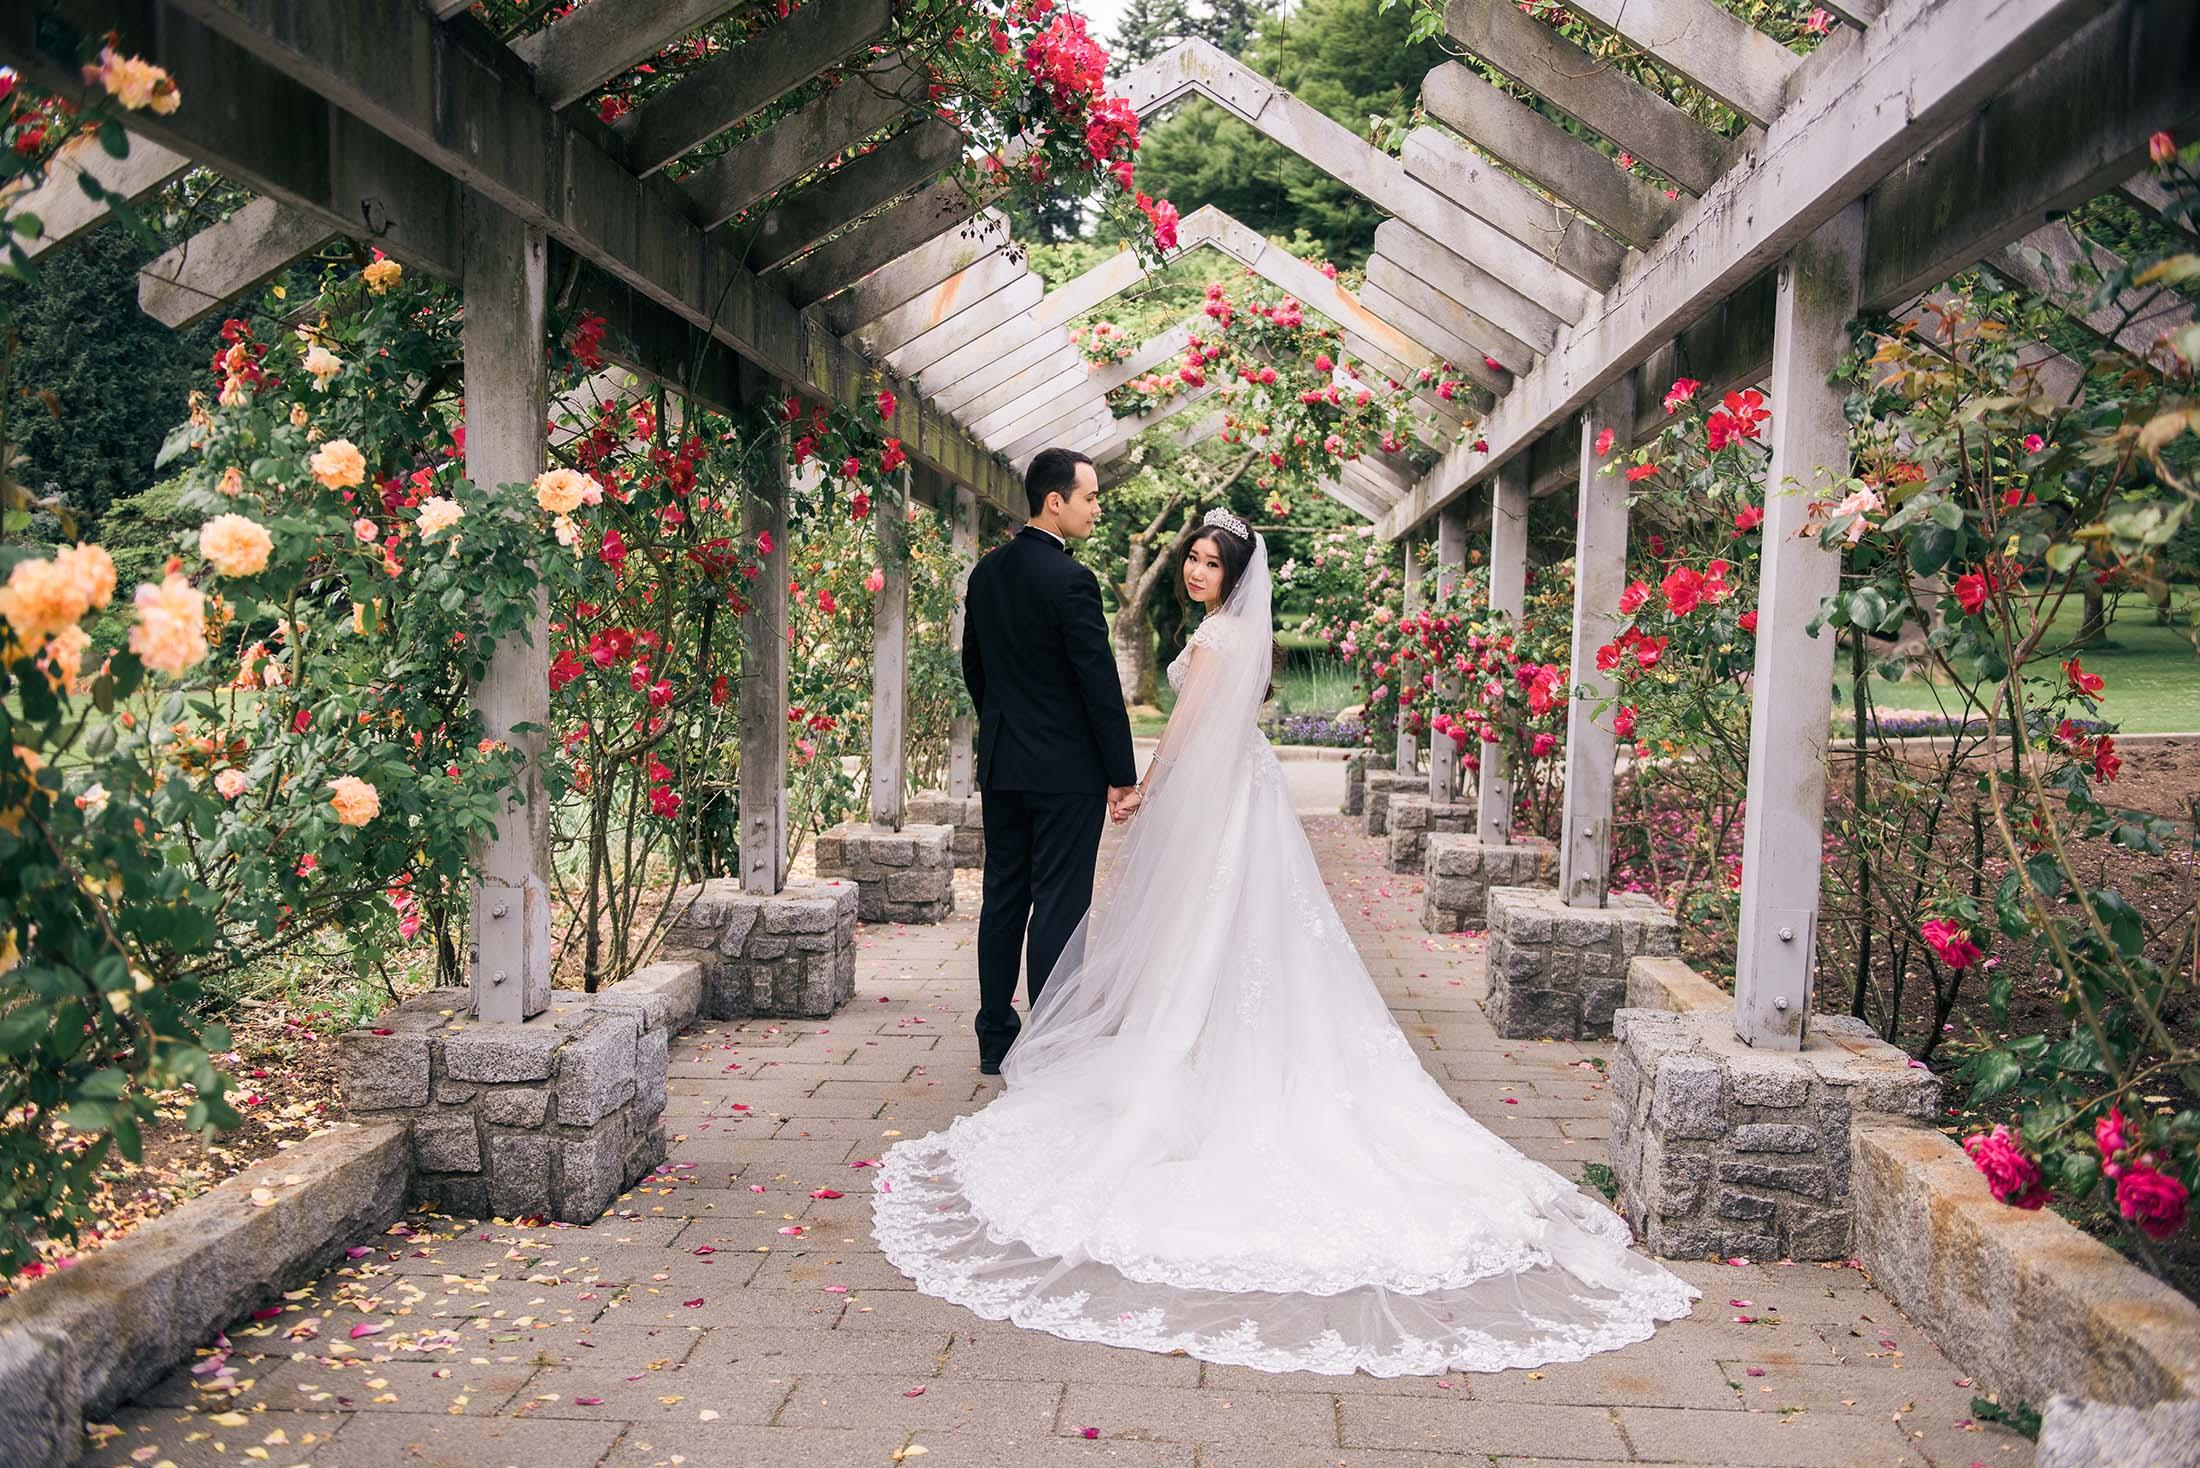 Stanley park rose garden wedding